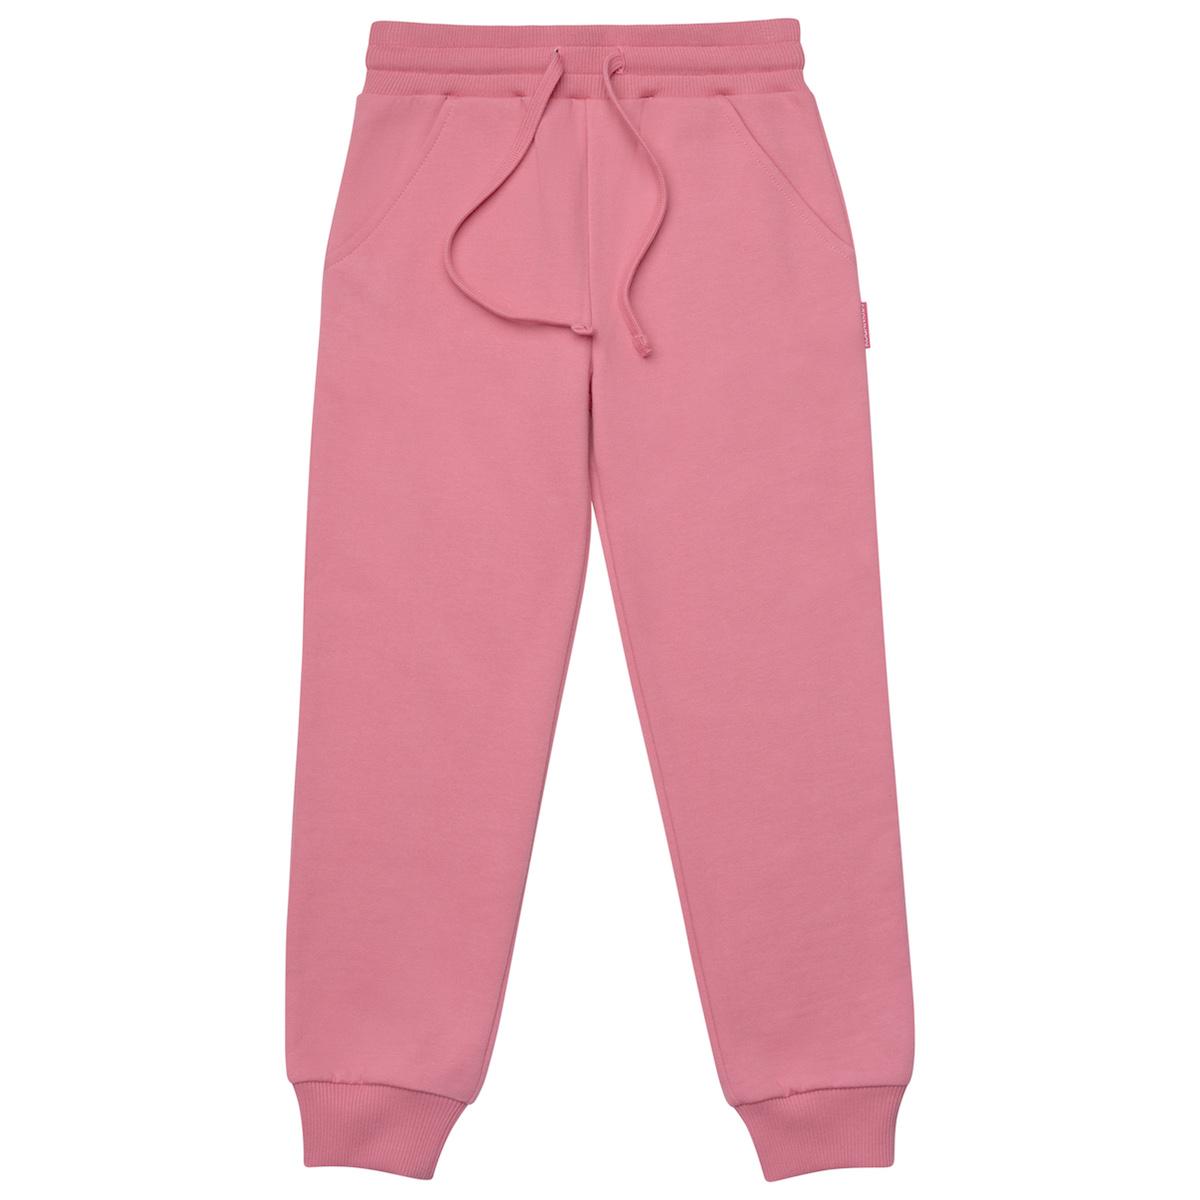 Персиковые брюки для девочки